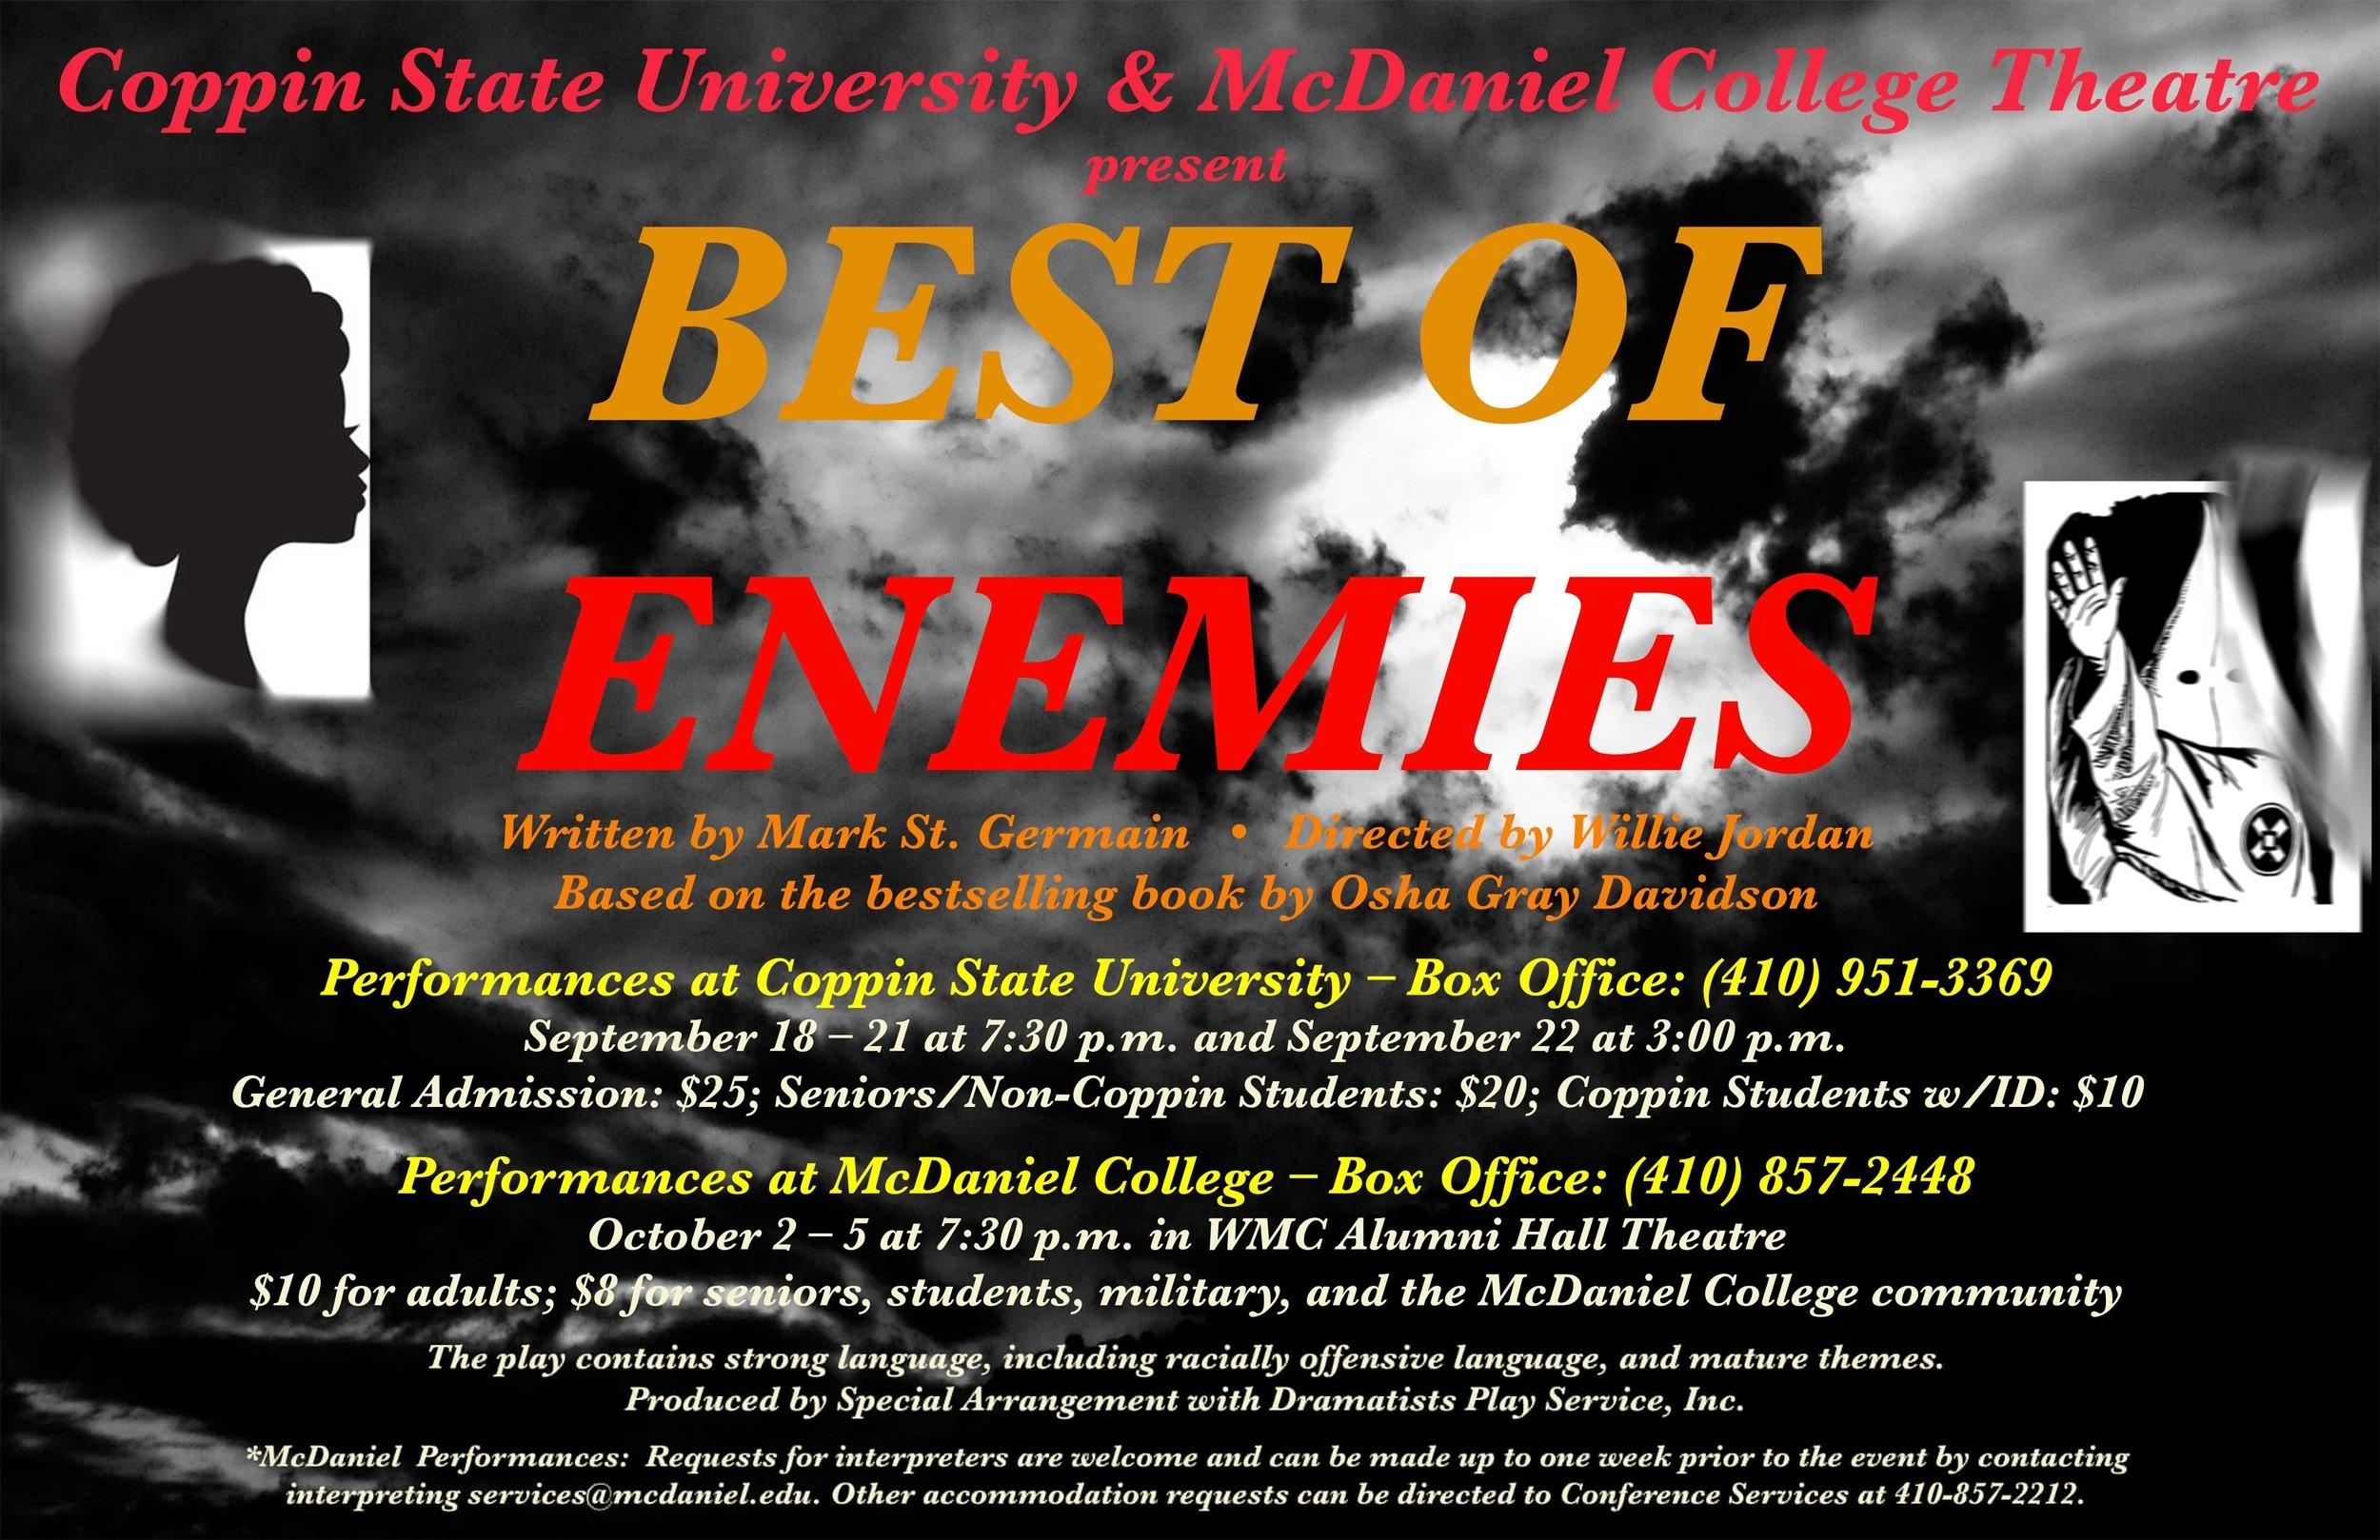 best+of+enemies+poster.jpg